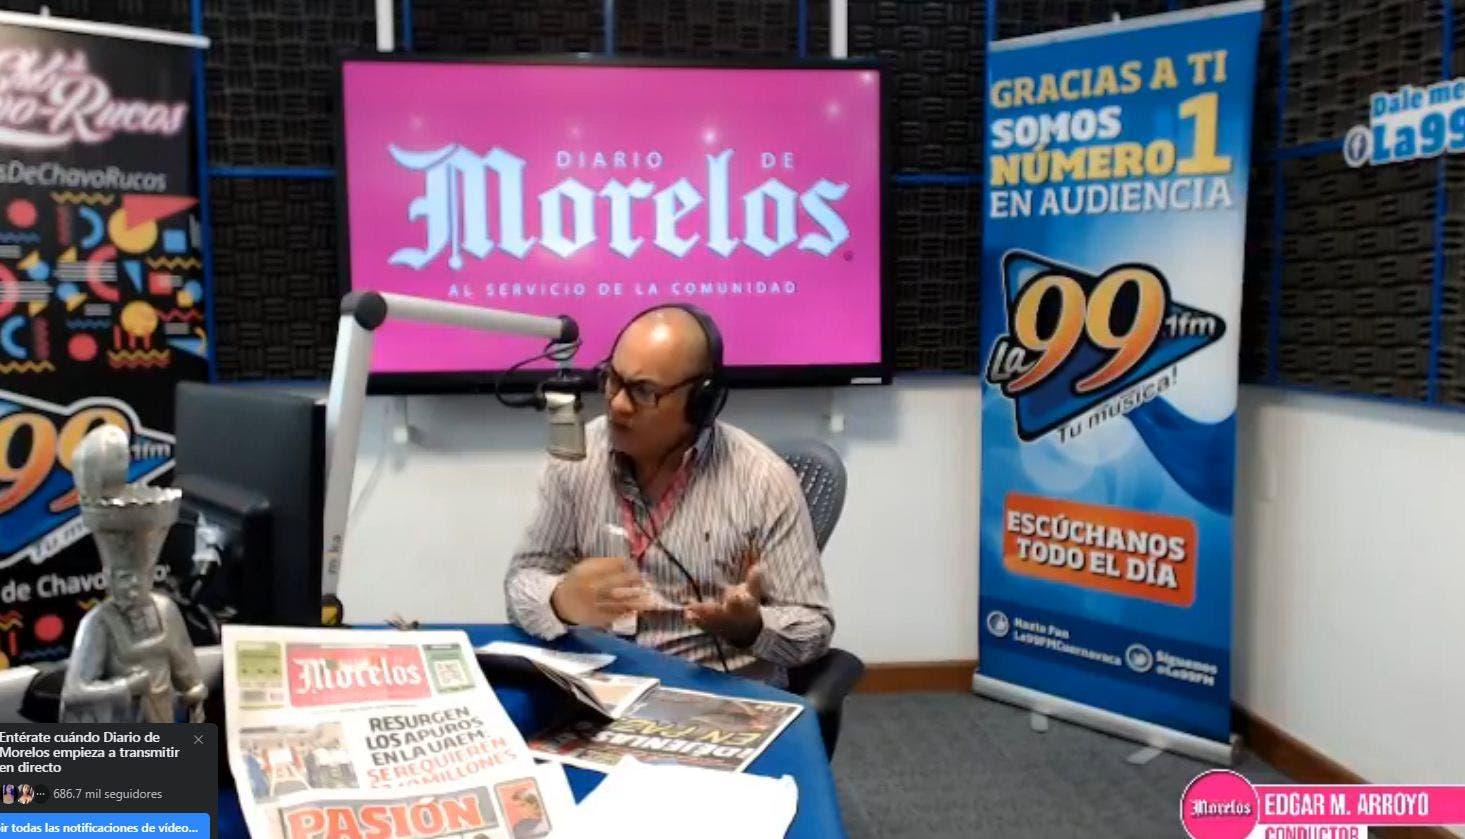 DIARIO DE MORELOS INFORMA A LAS 8AM DE SEPTIEMBRE 2020